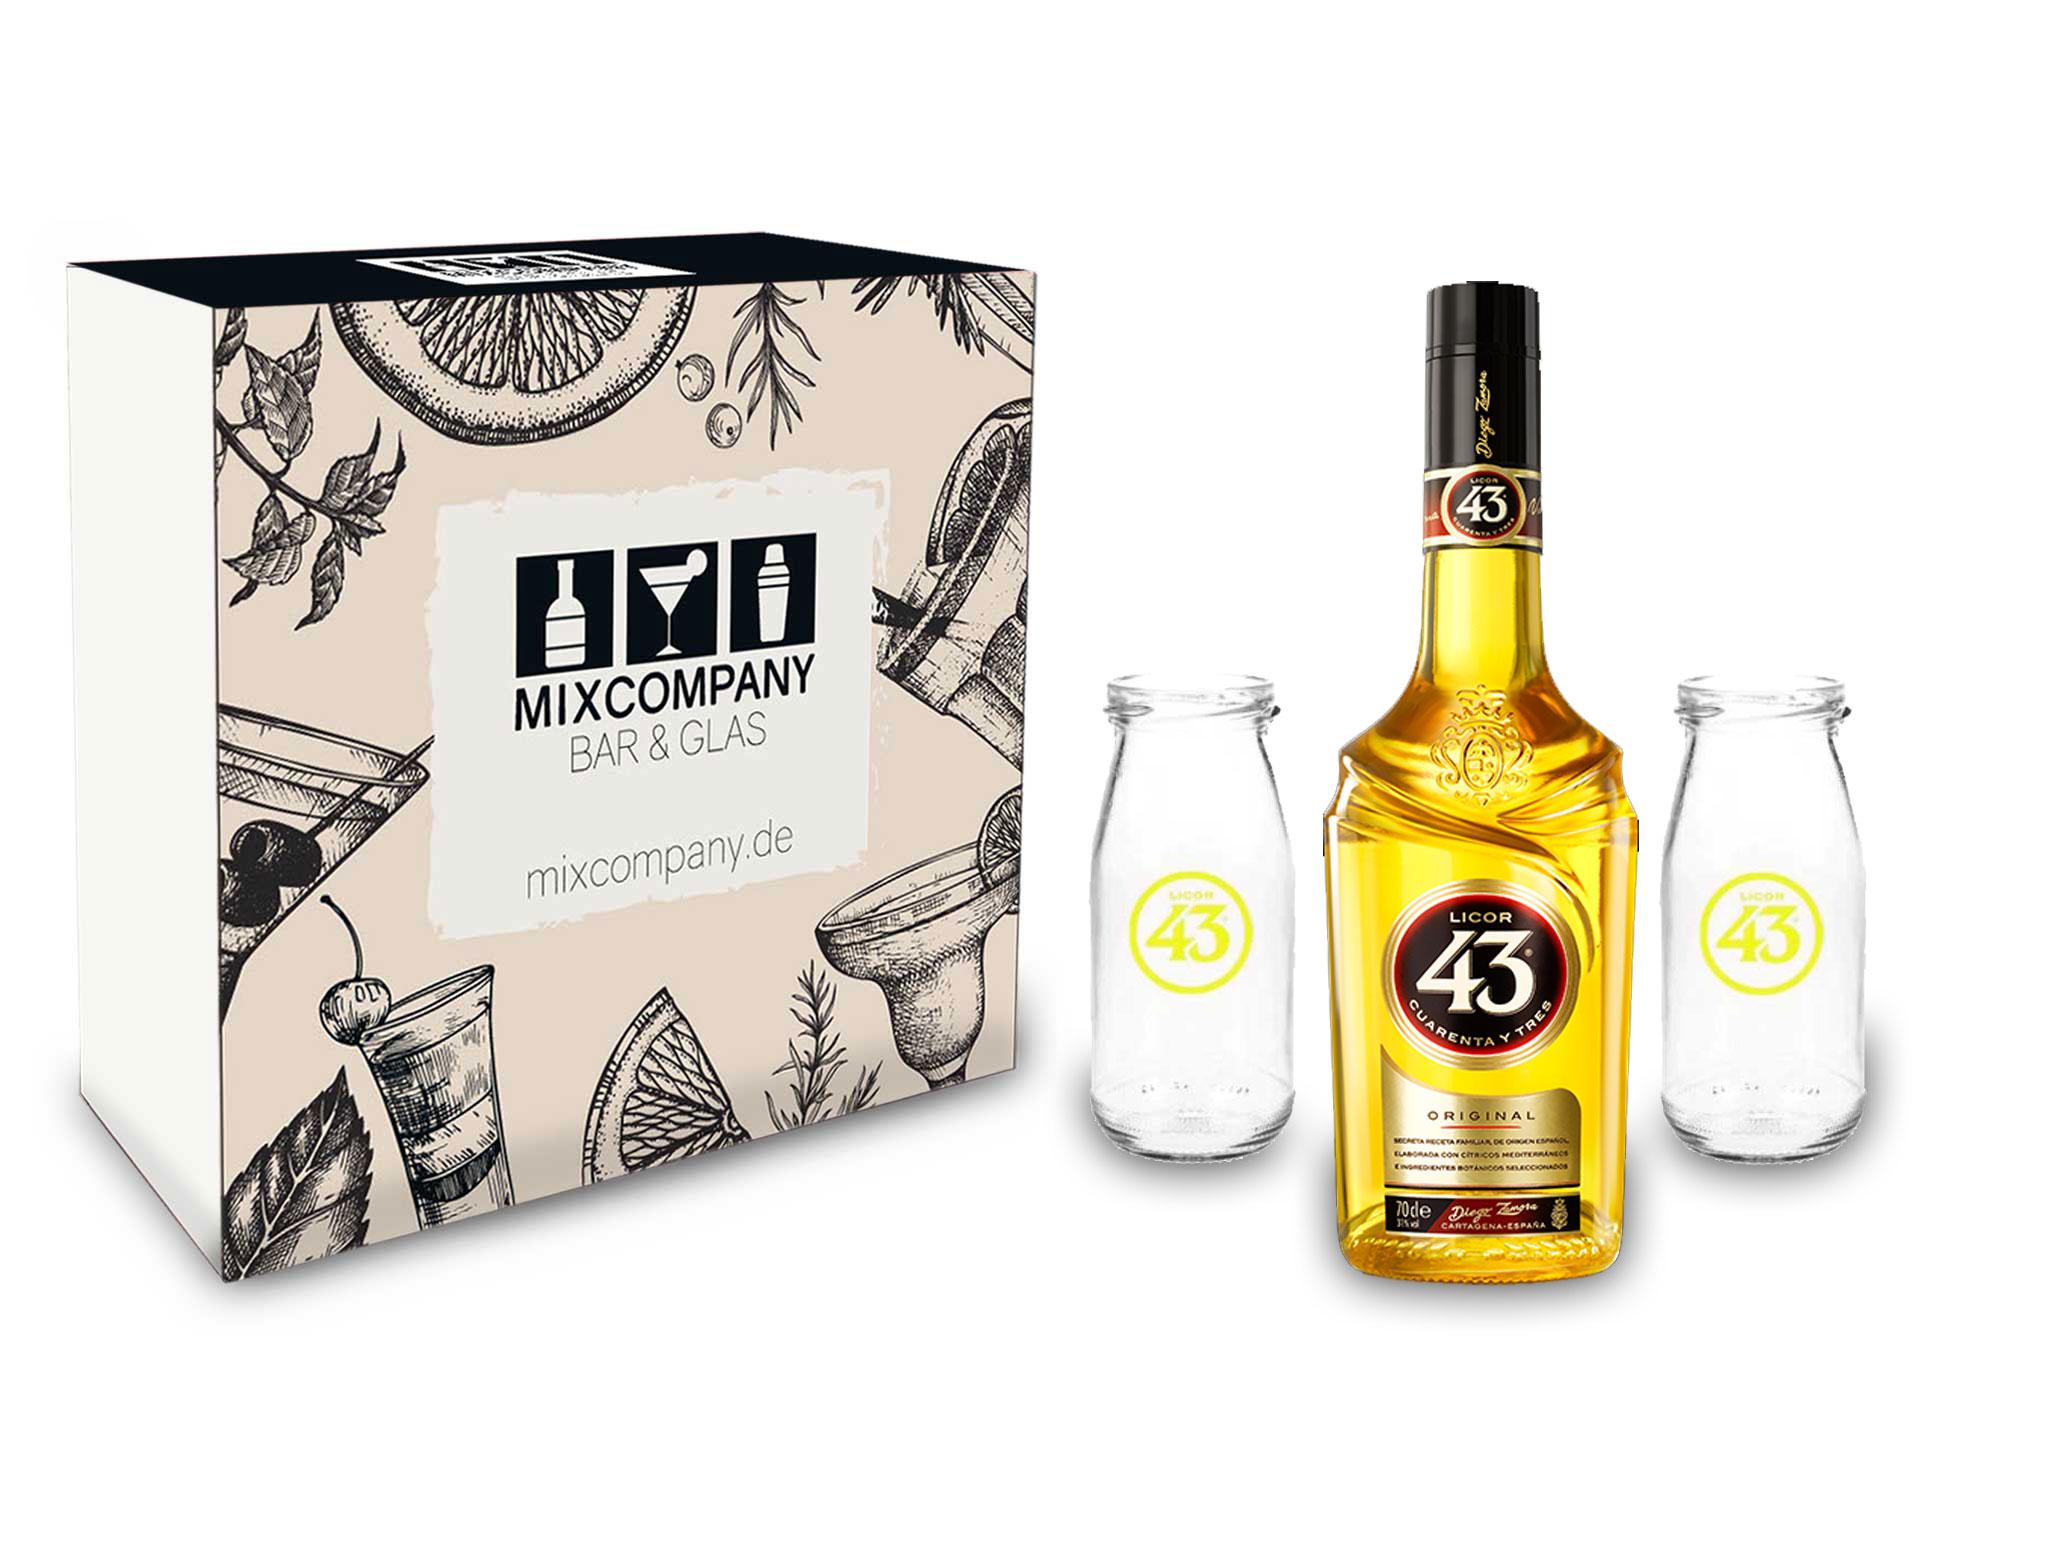 Licor 43 Set / Geschenkset - Licor 43 0,7l 700ml (31% Vol) + 2x Gläser Likör Liquor 43er